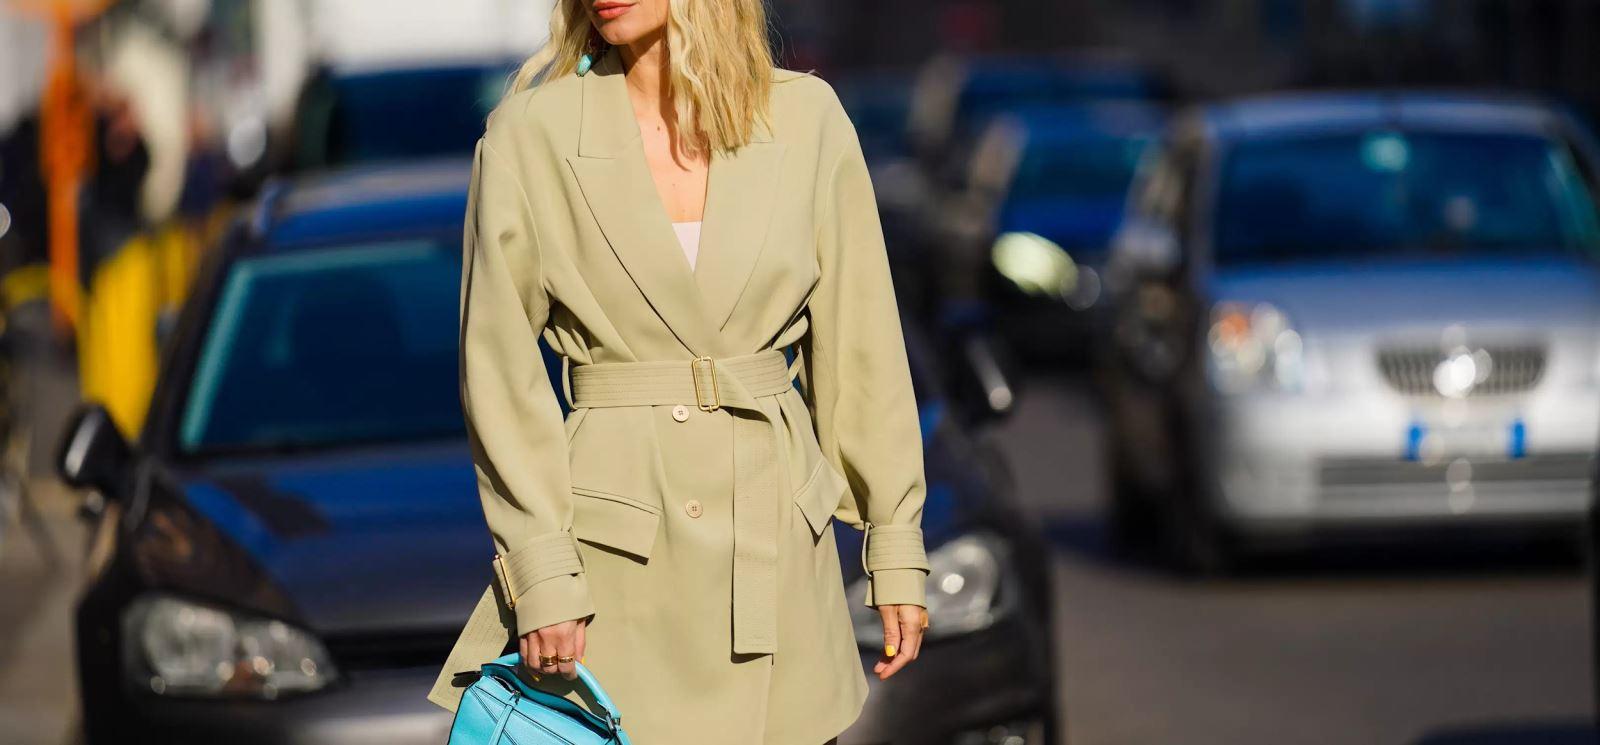 áo khoác trench coat cho người có thân hình đồng hồ cát